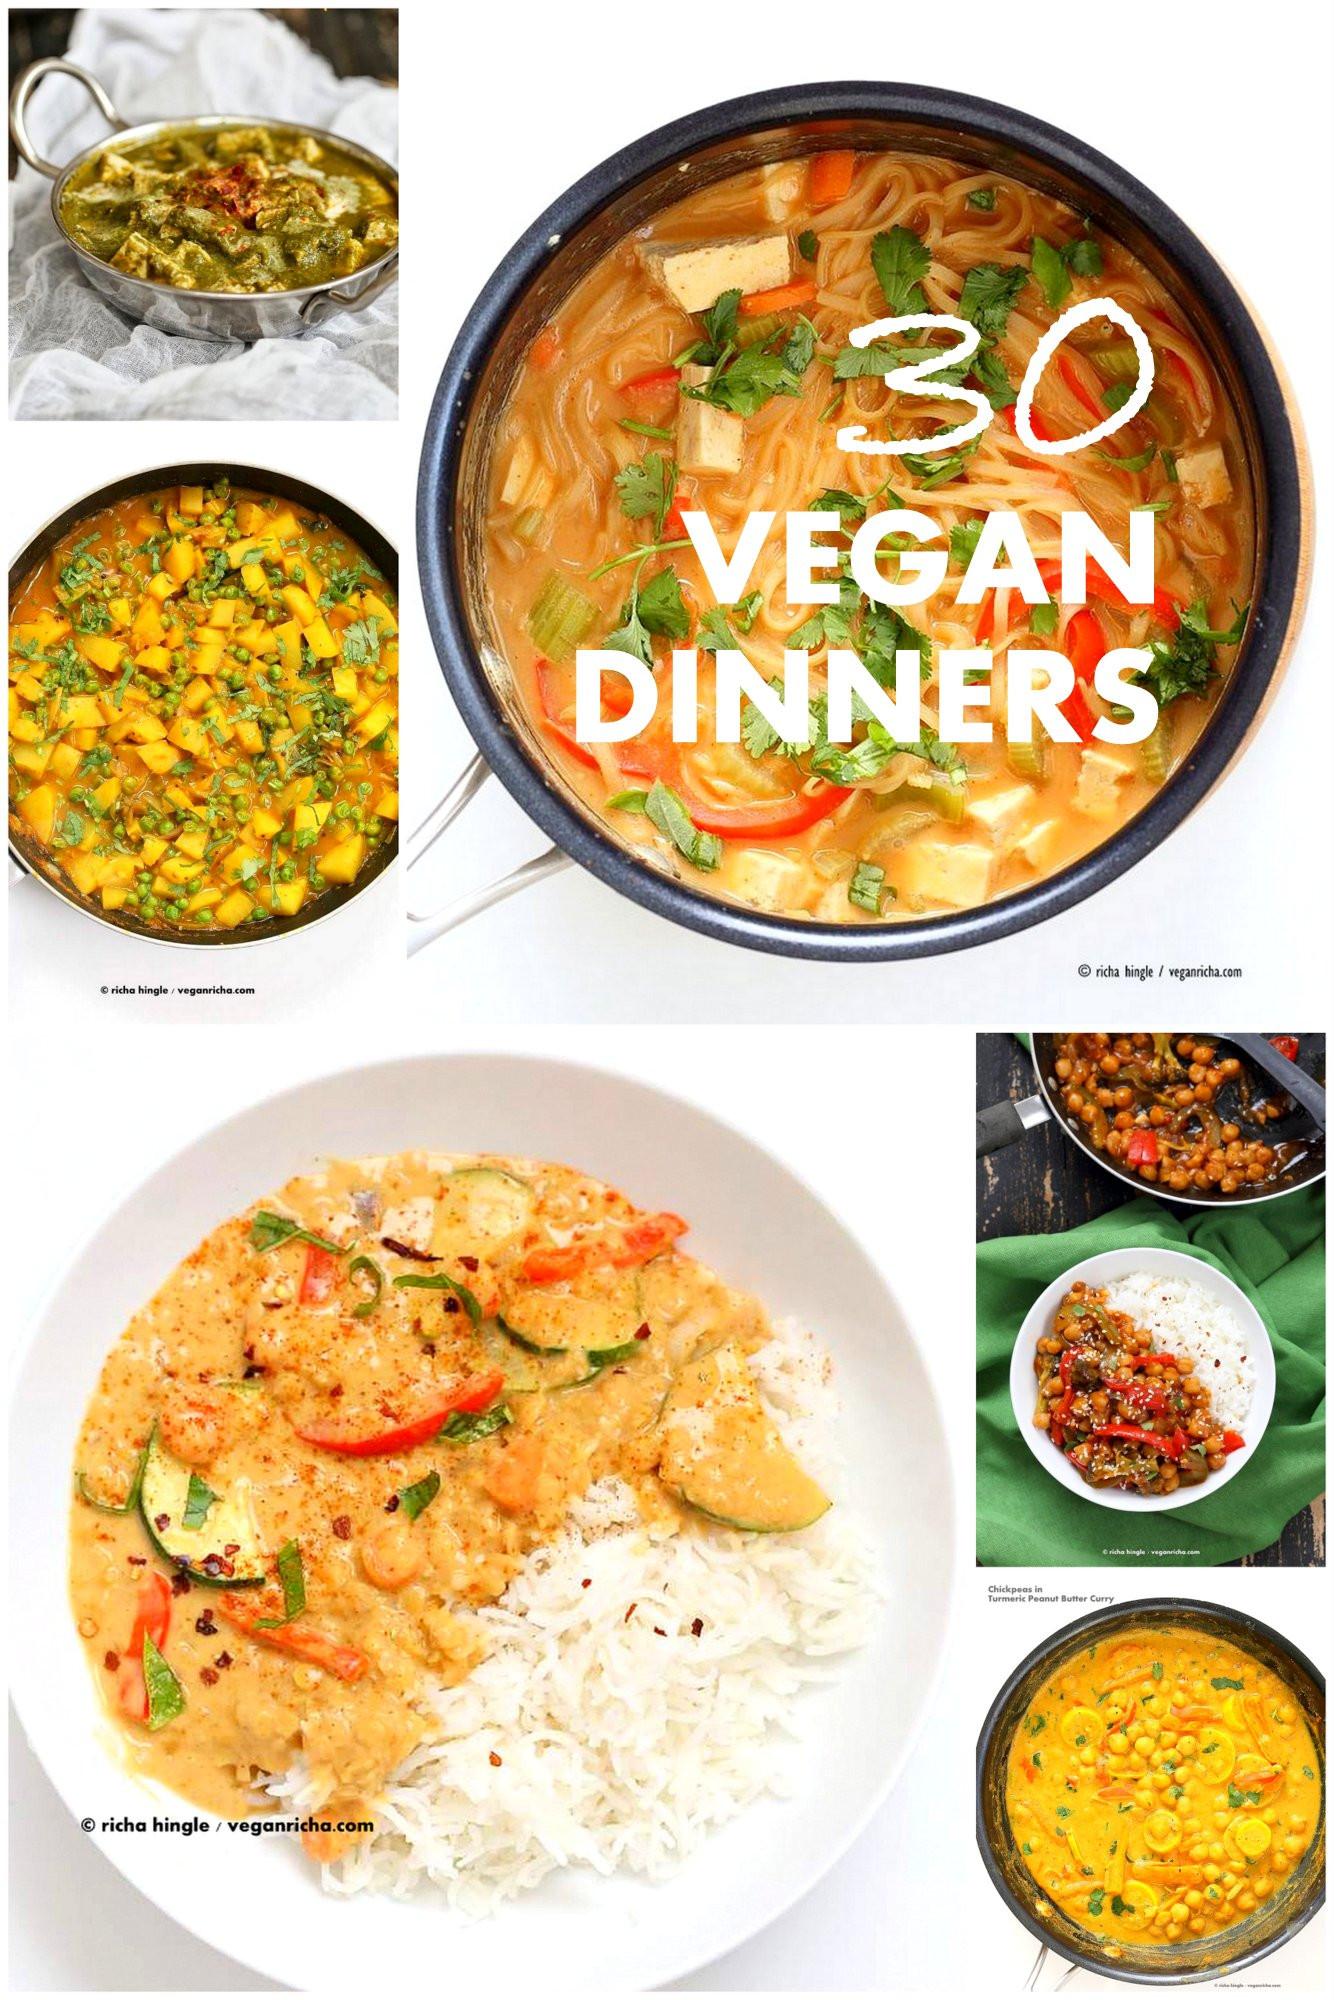 Vegan Dinner Recipes  30 Easy Vegan Dinner Recipes Vegan Richa